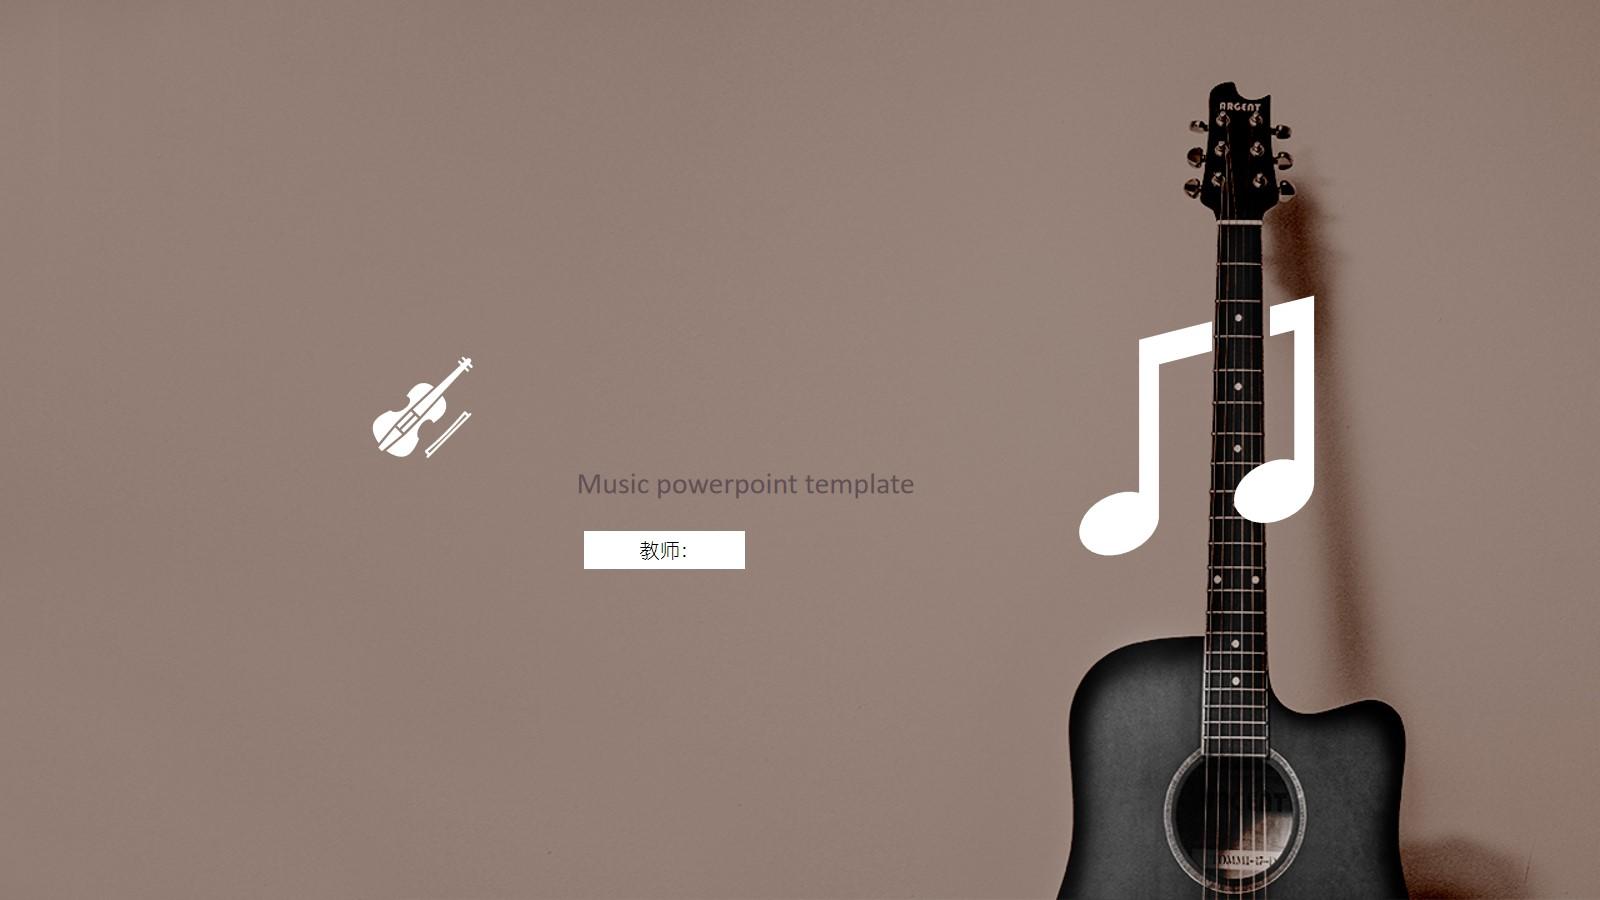 咖啡色吉他背景音乐主题PPT模板